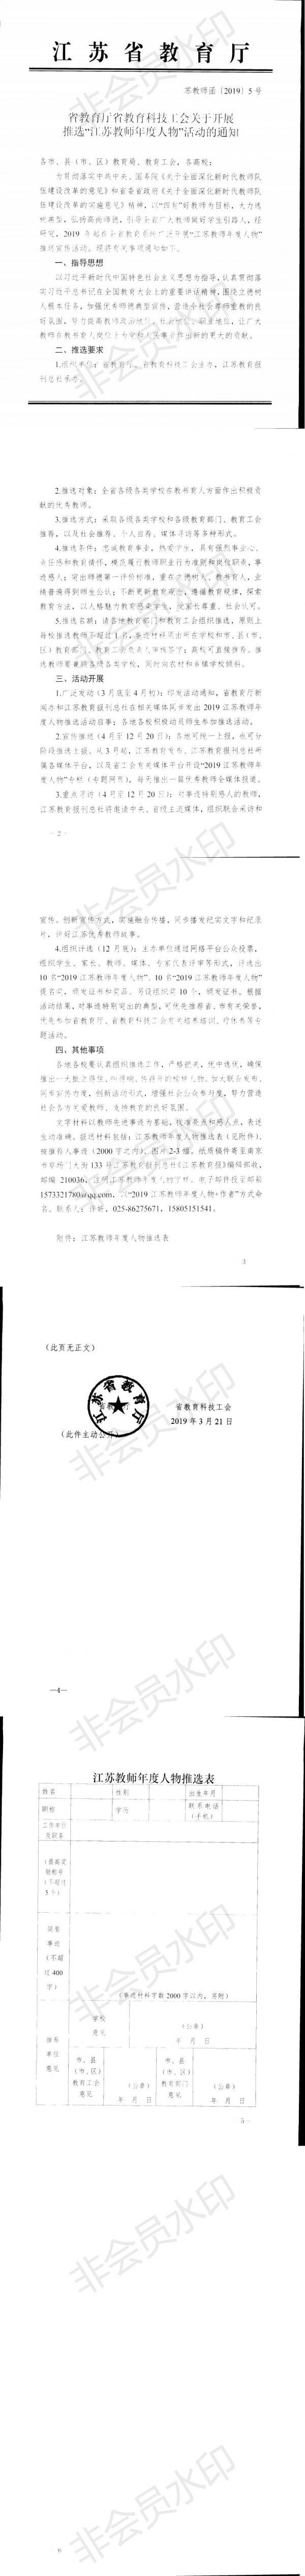 20190401-01354_看图王_0.jpg